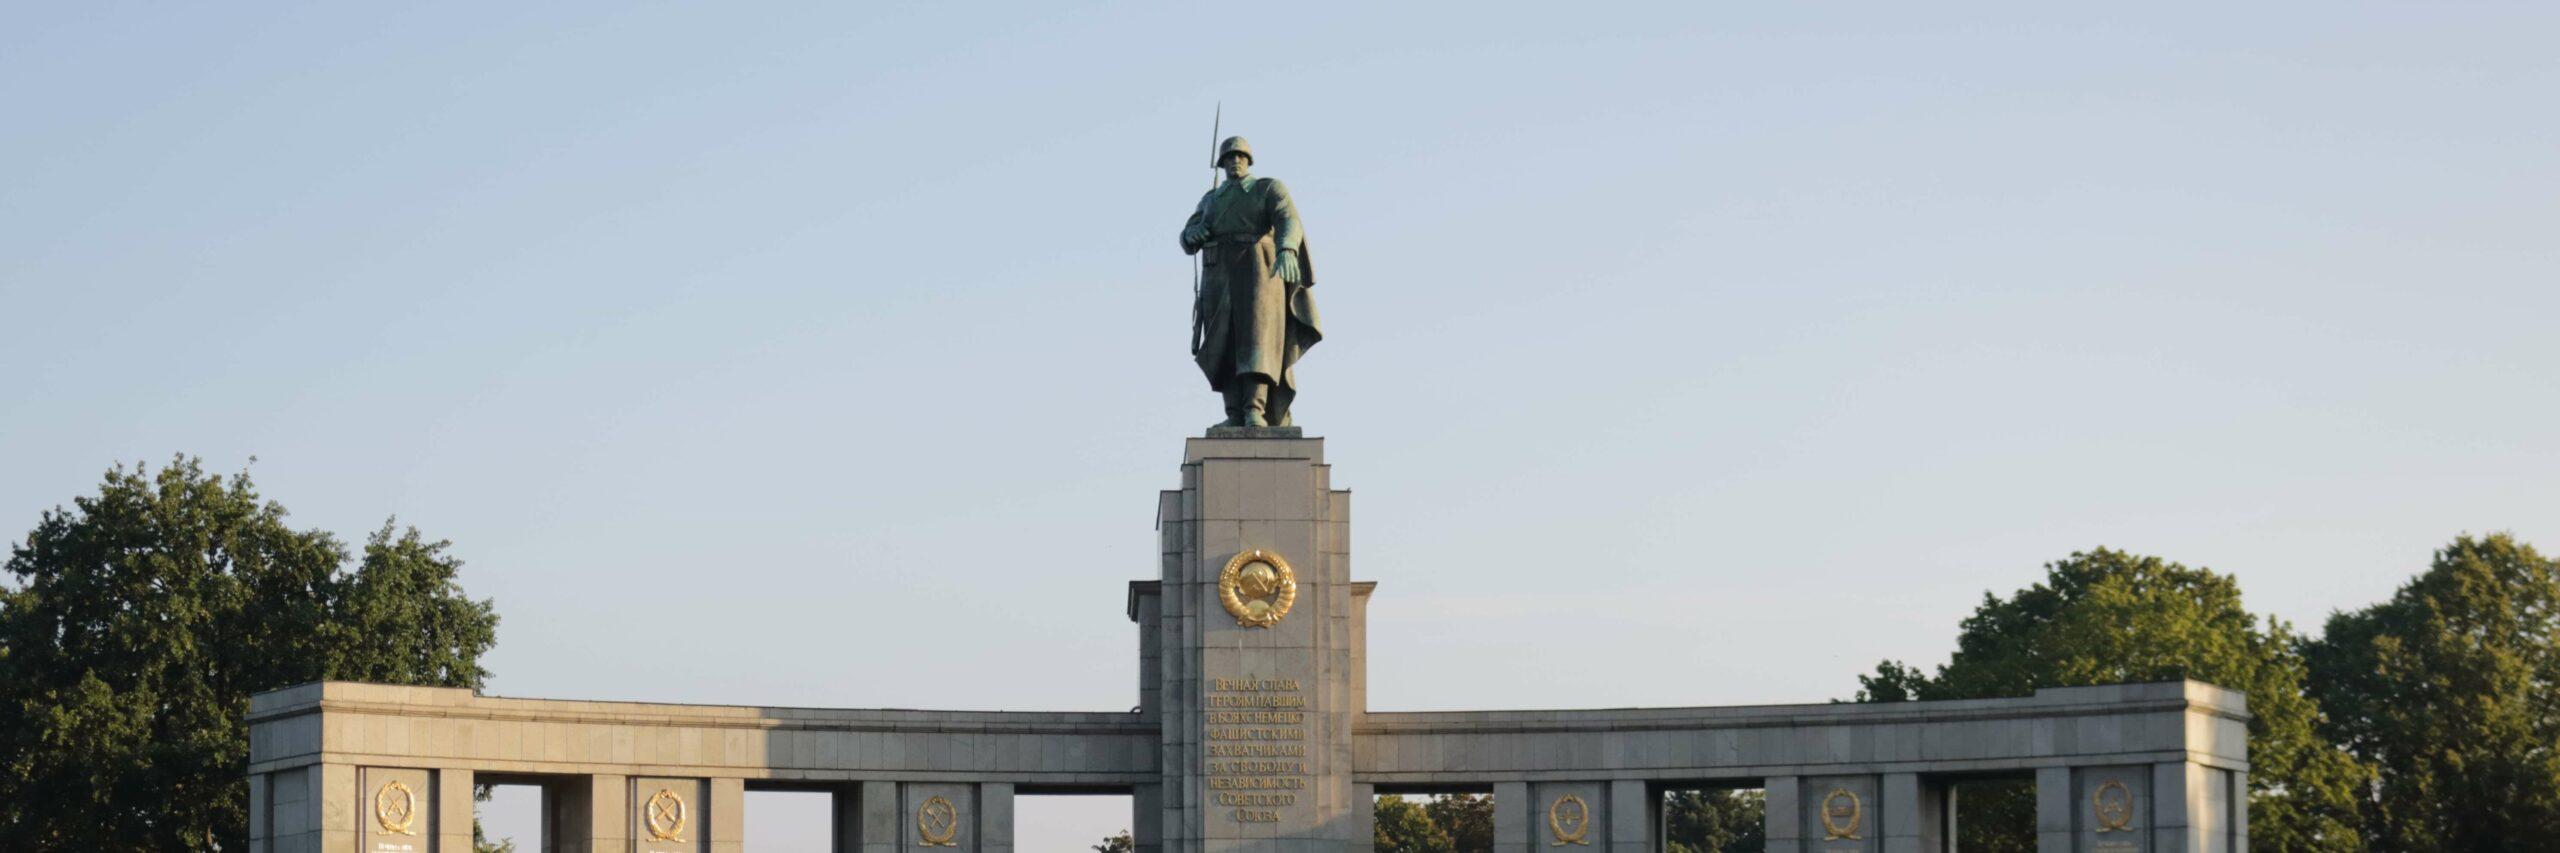 Sowjetisches Ehrenmal - Tiergarten Berlin